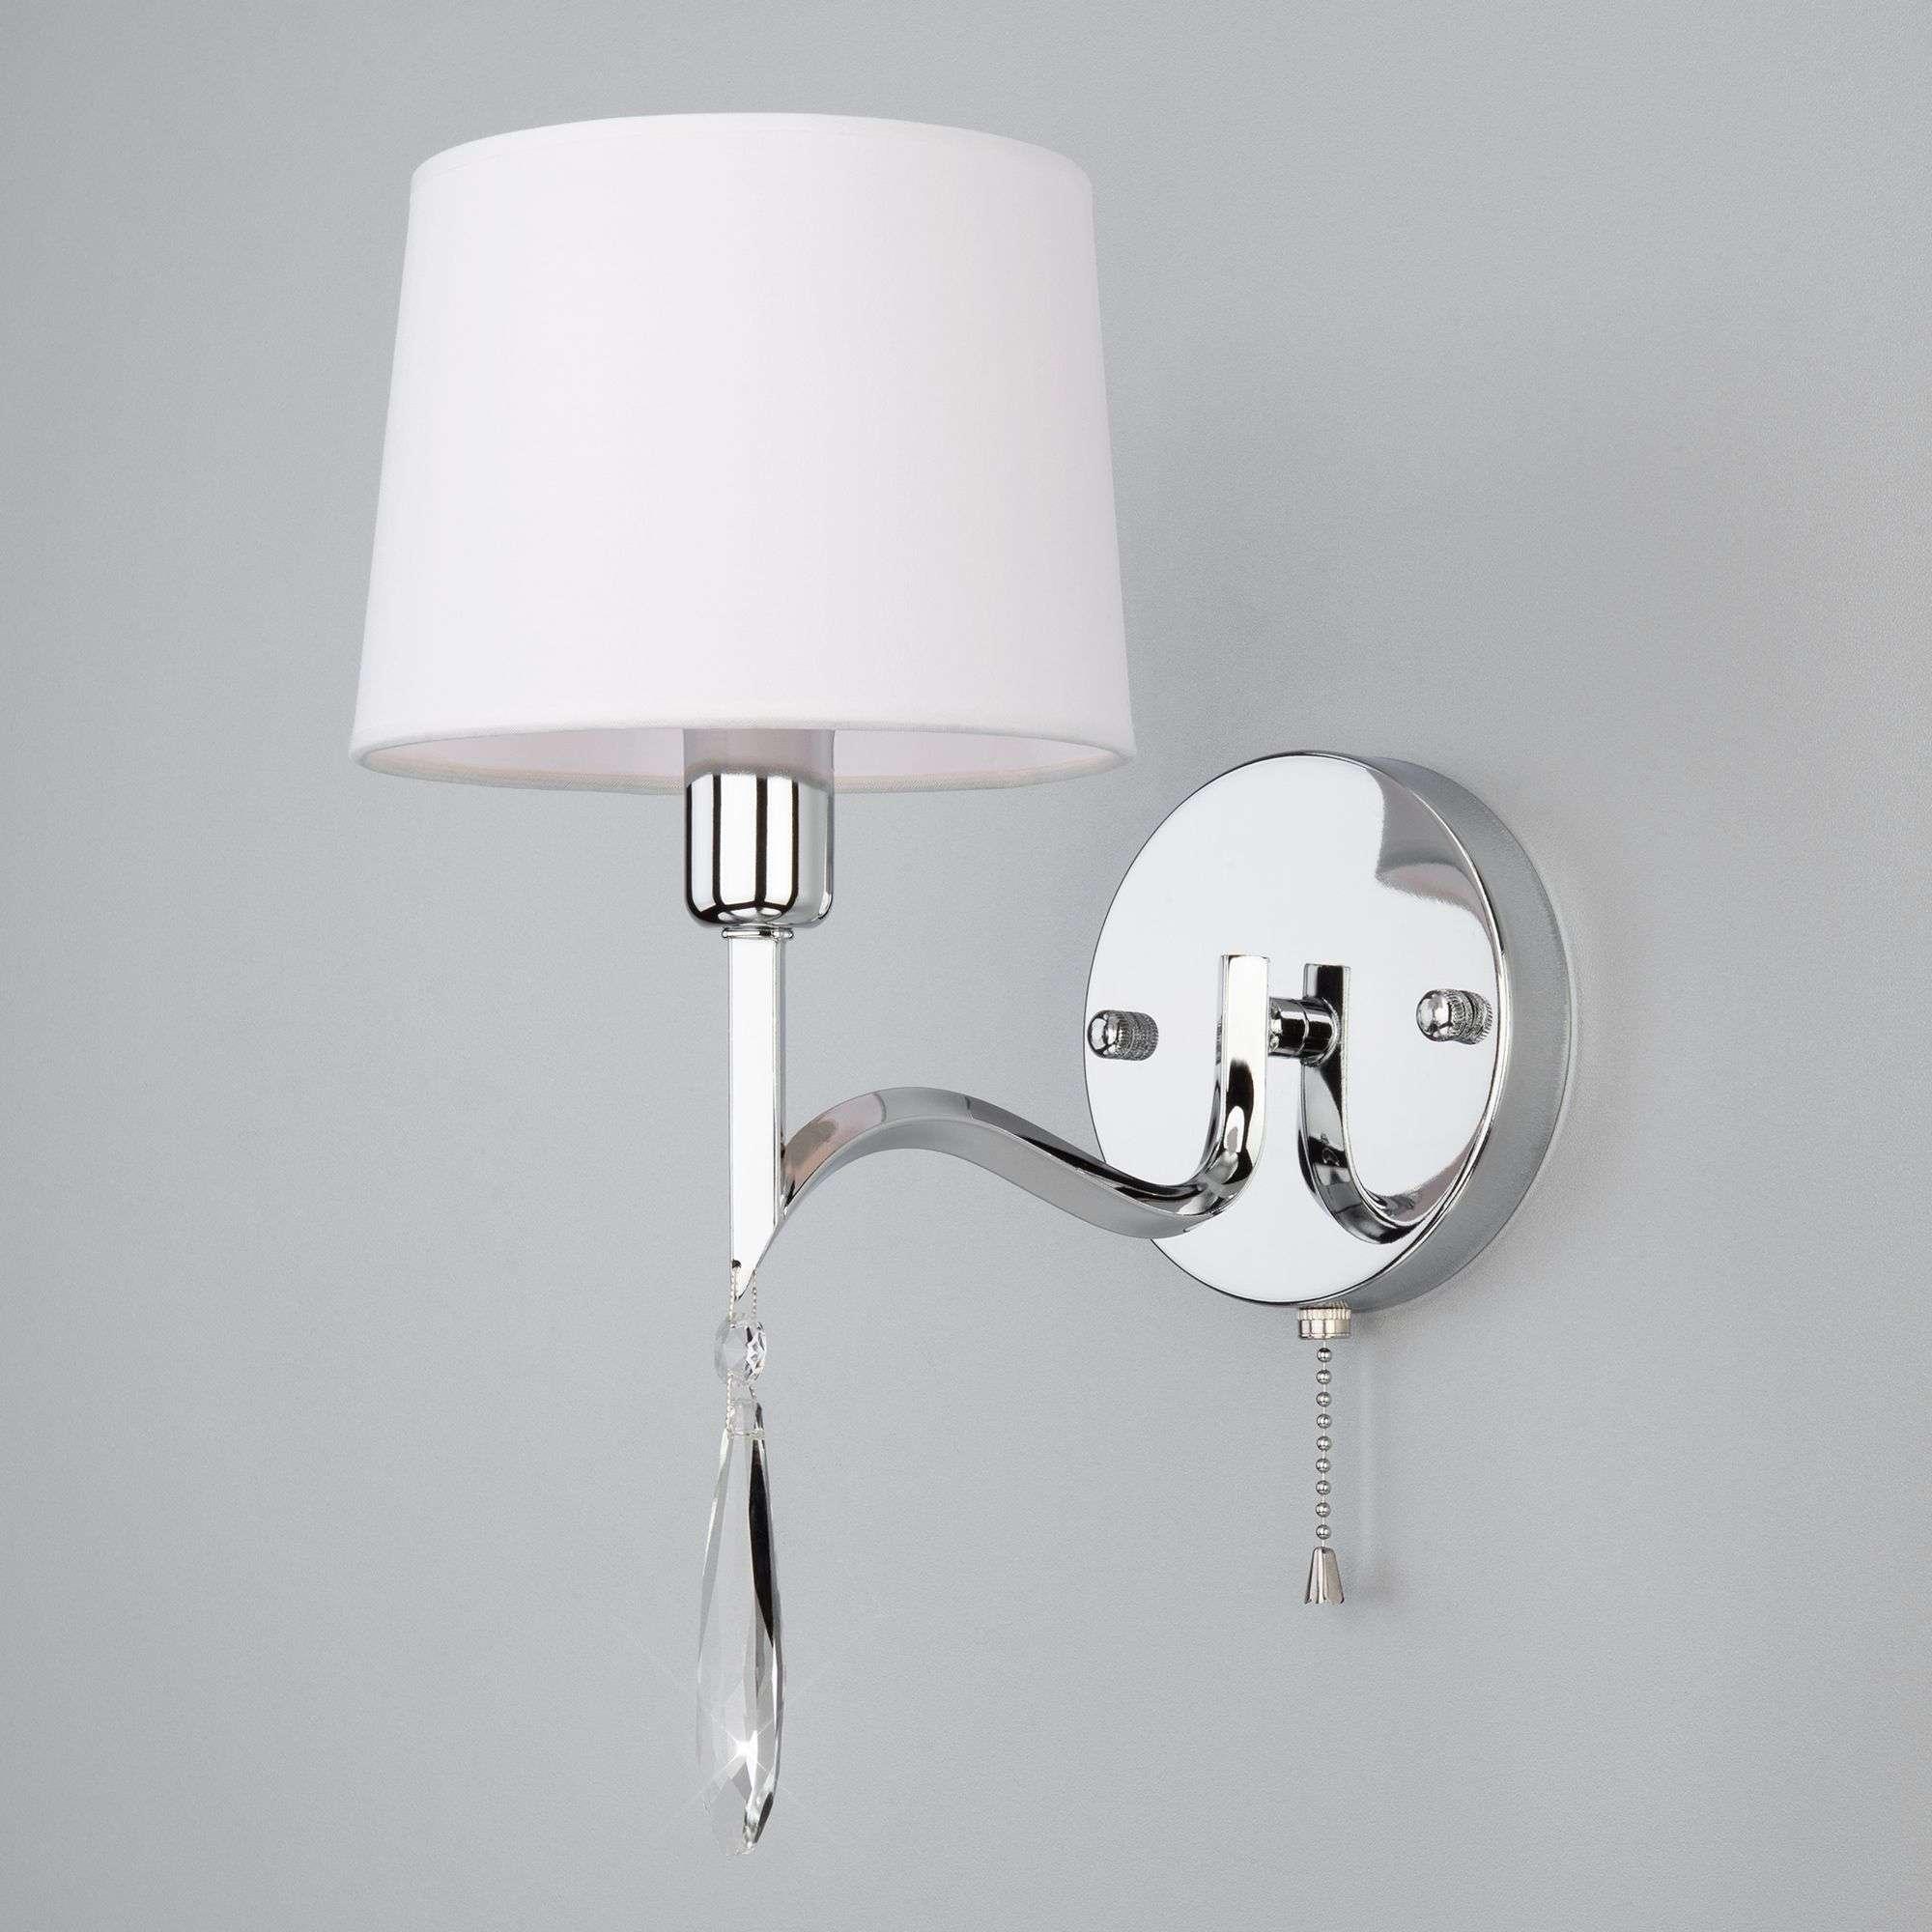 Настенный светильник с абажуром 10093/1 хром/прозрачный хрусталь Strotskis